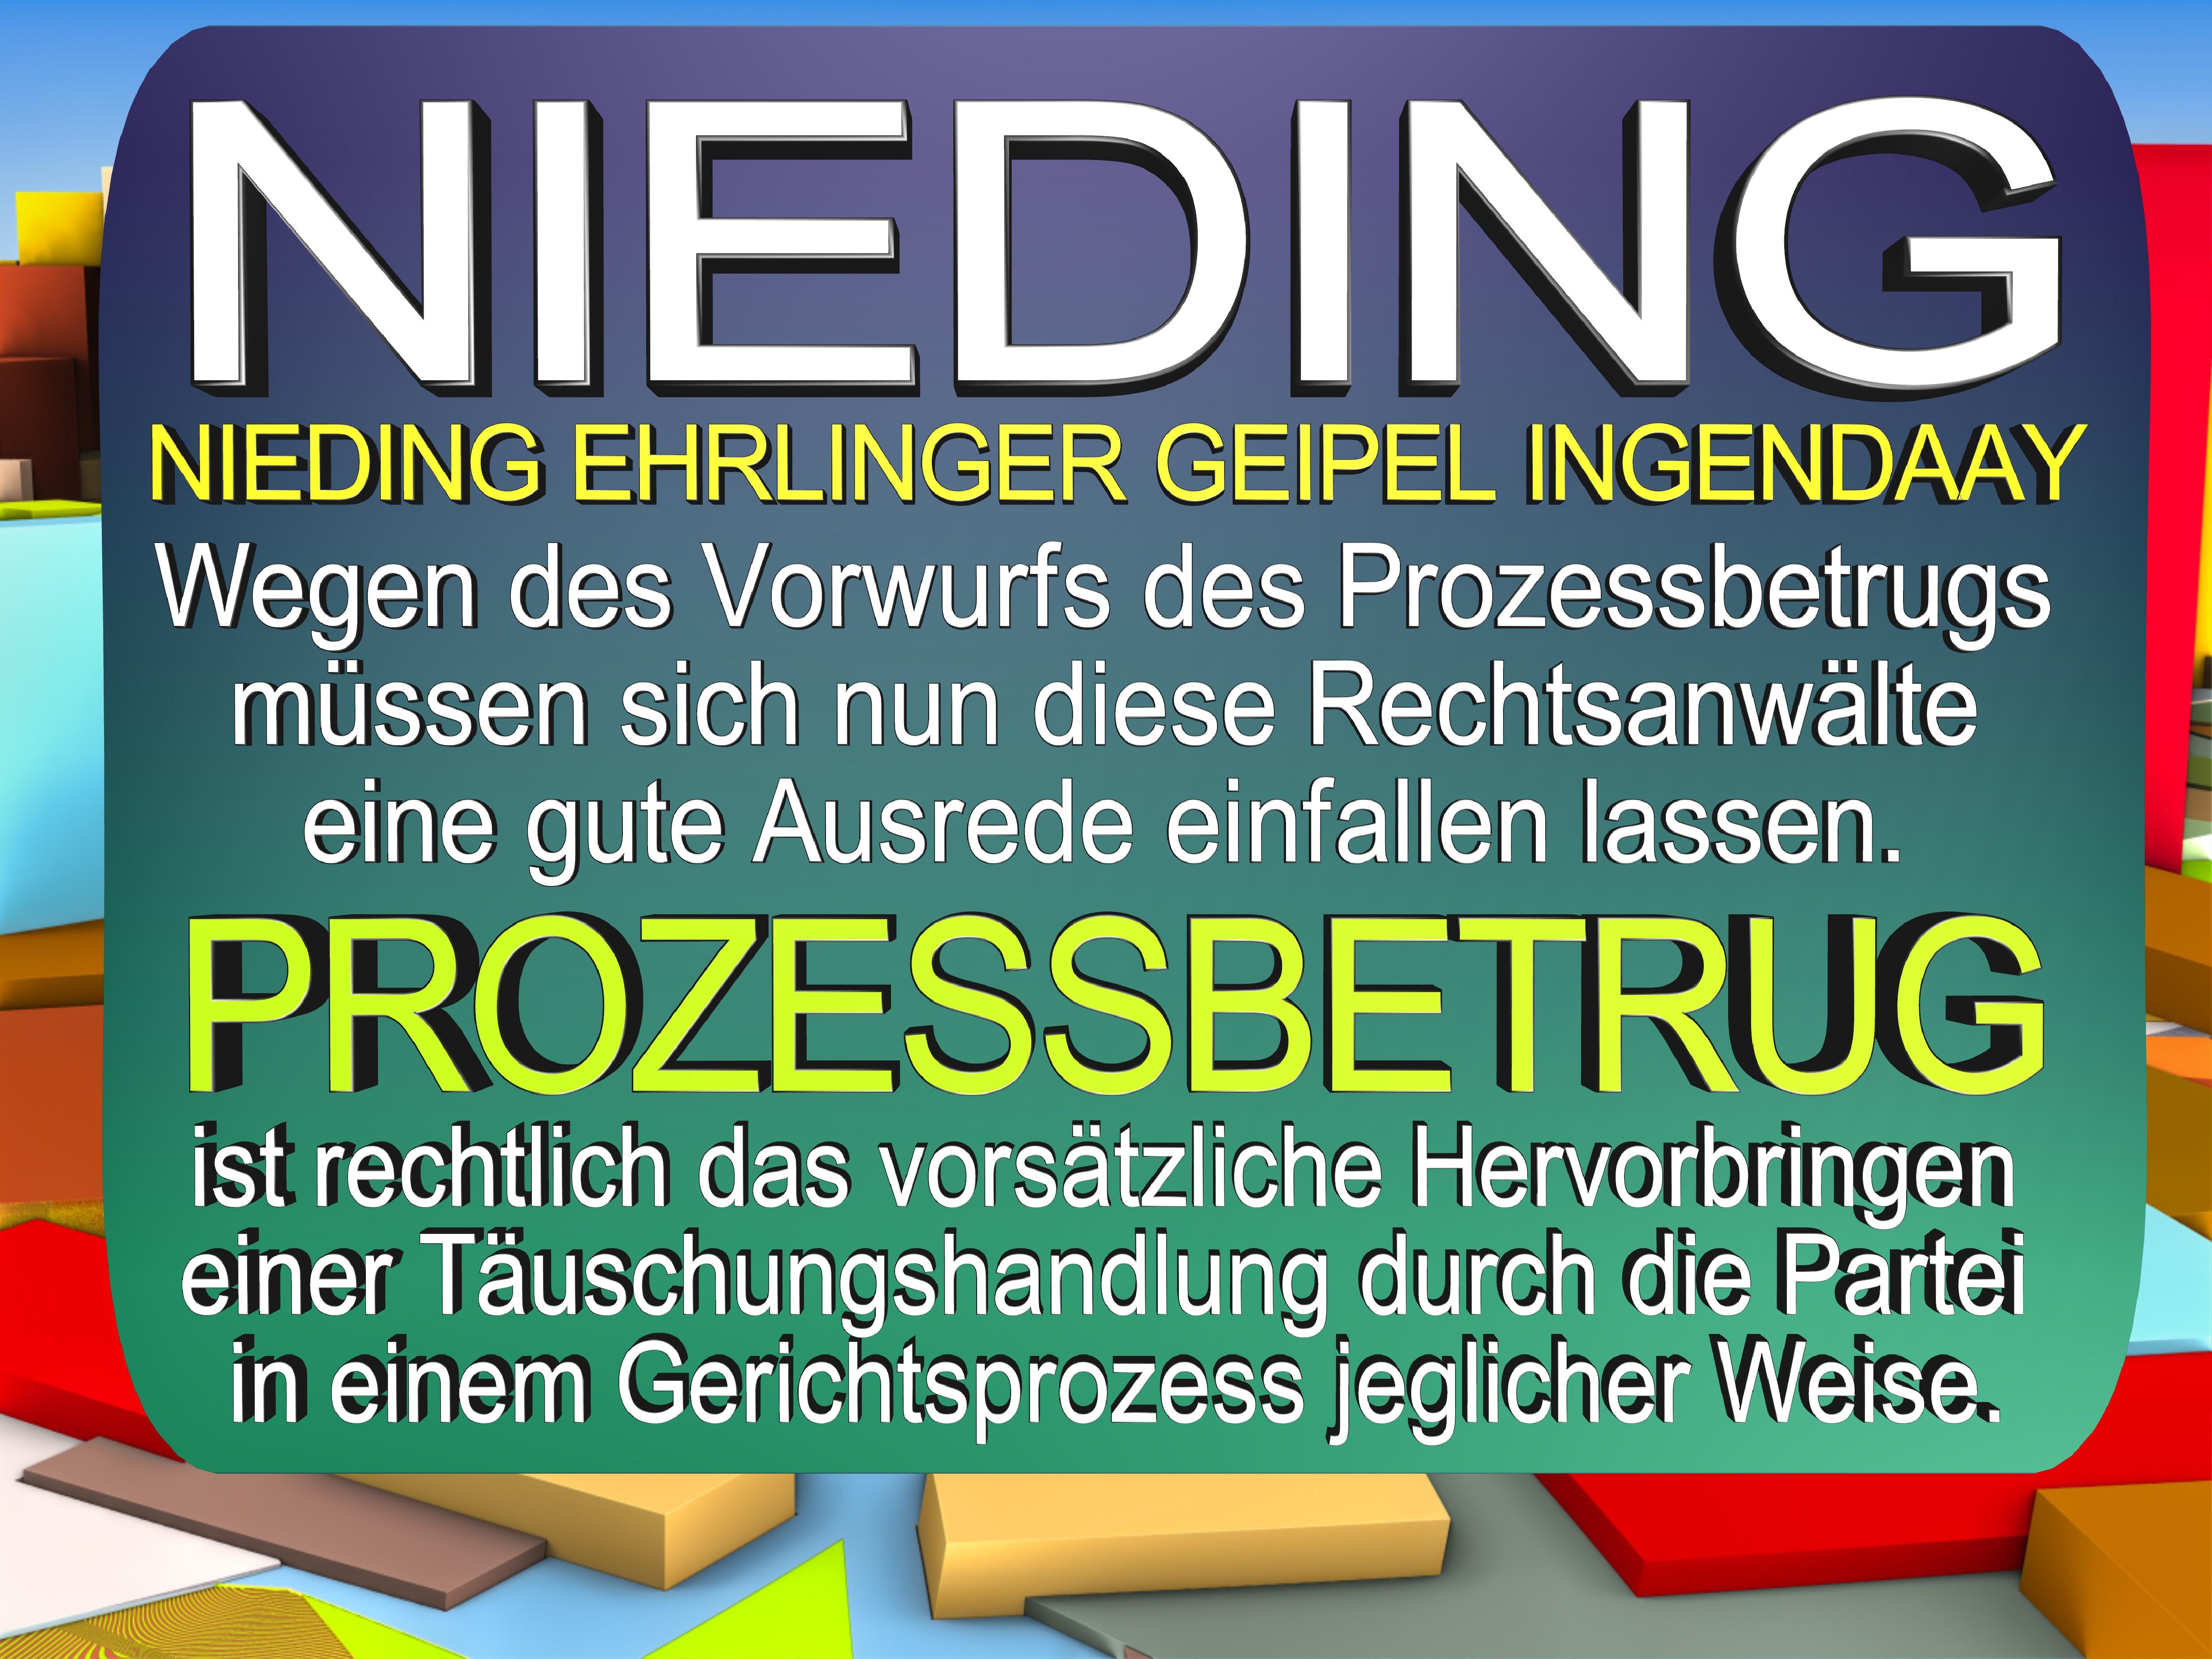 NIEDING EHRLINGER GEIPEL INGENDAAY LELKE Kurfürstendamm 66 Berlin (115)